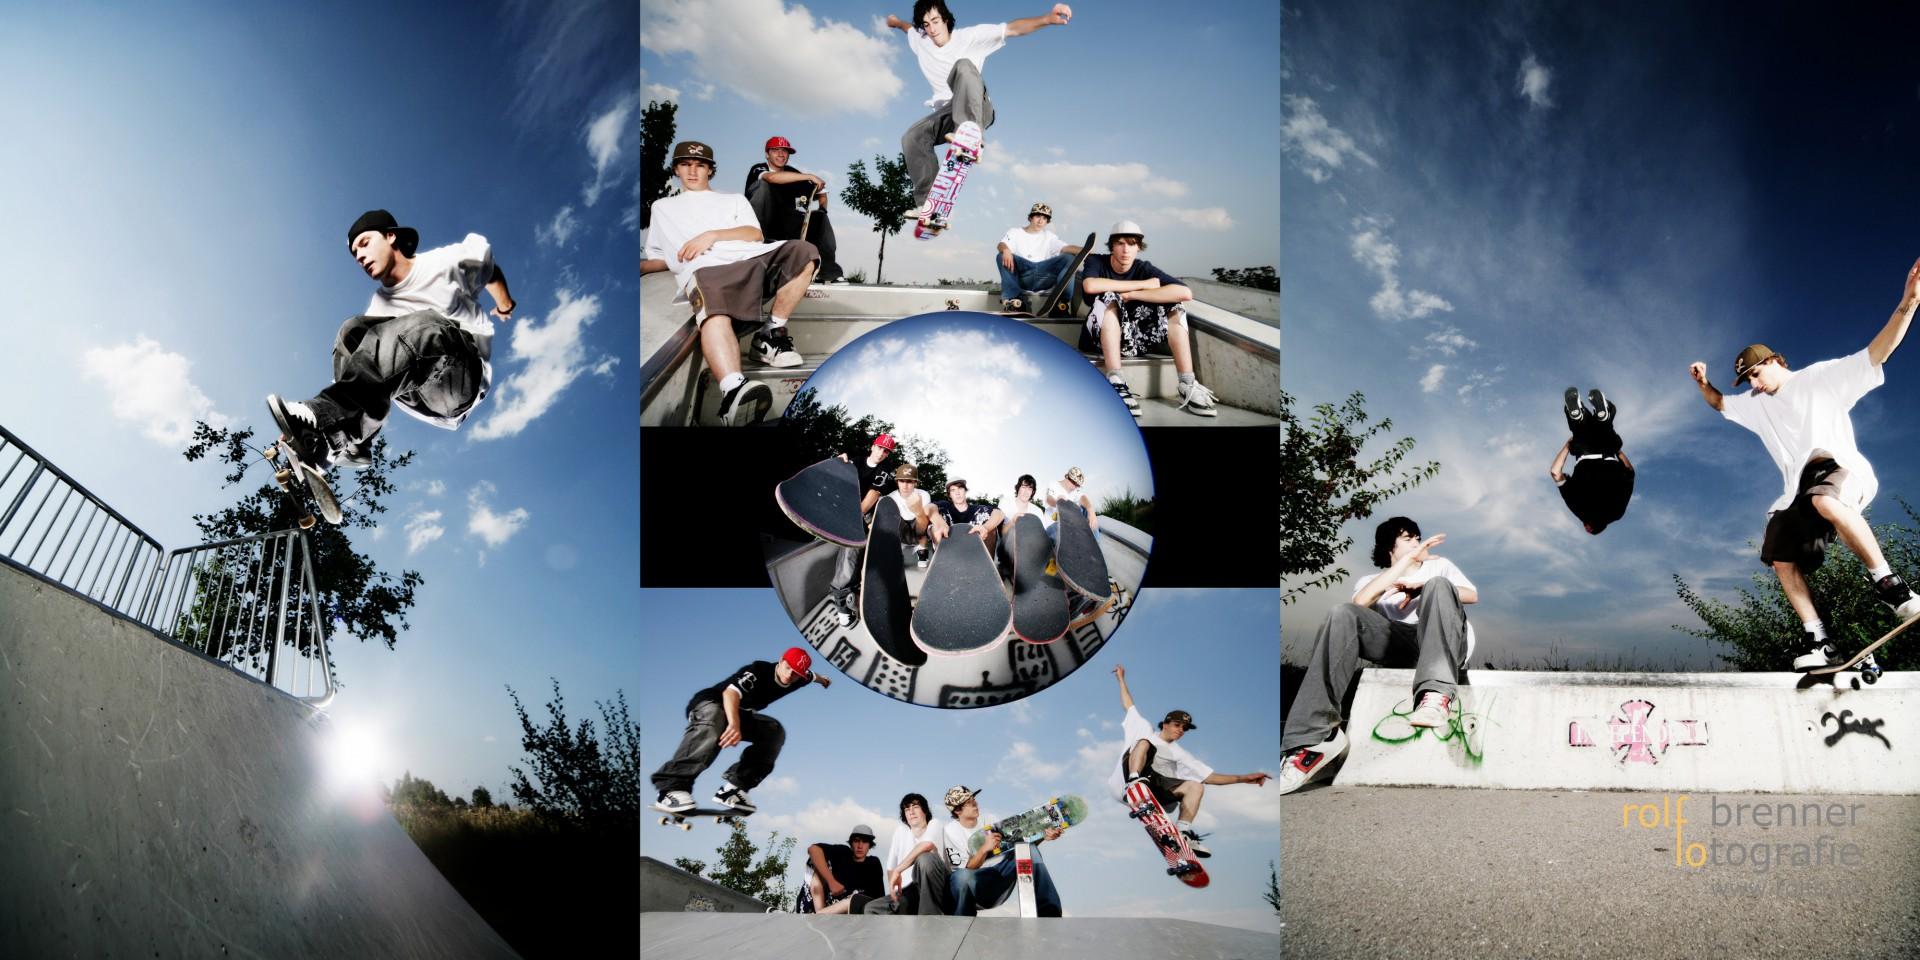 Ihr Partner für Werbefotografie und Portraitfotografie in Lindau, Bregenz, Wangen, Kempten, Friedrichshafen, Oberstaufen, Leutkirch, Lindenberg, Memmingen, Oberstdorf.Fotostudio in Isny im Allgäu.